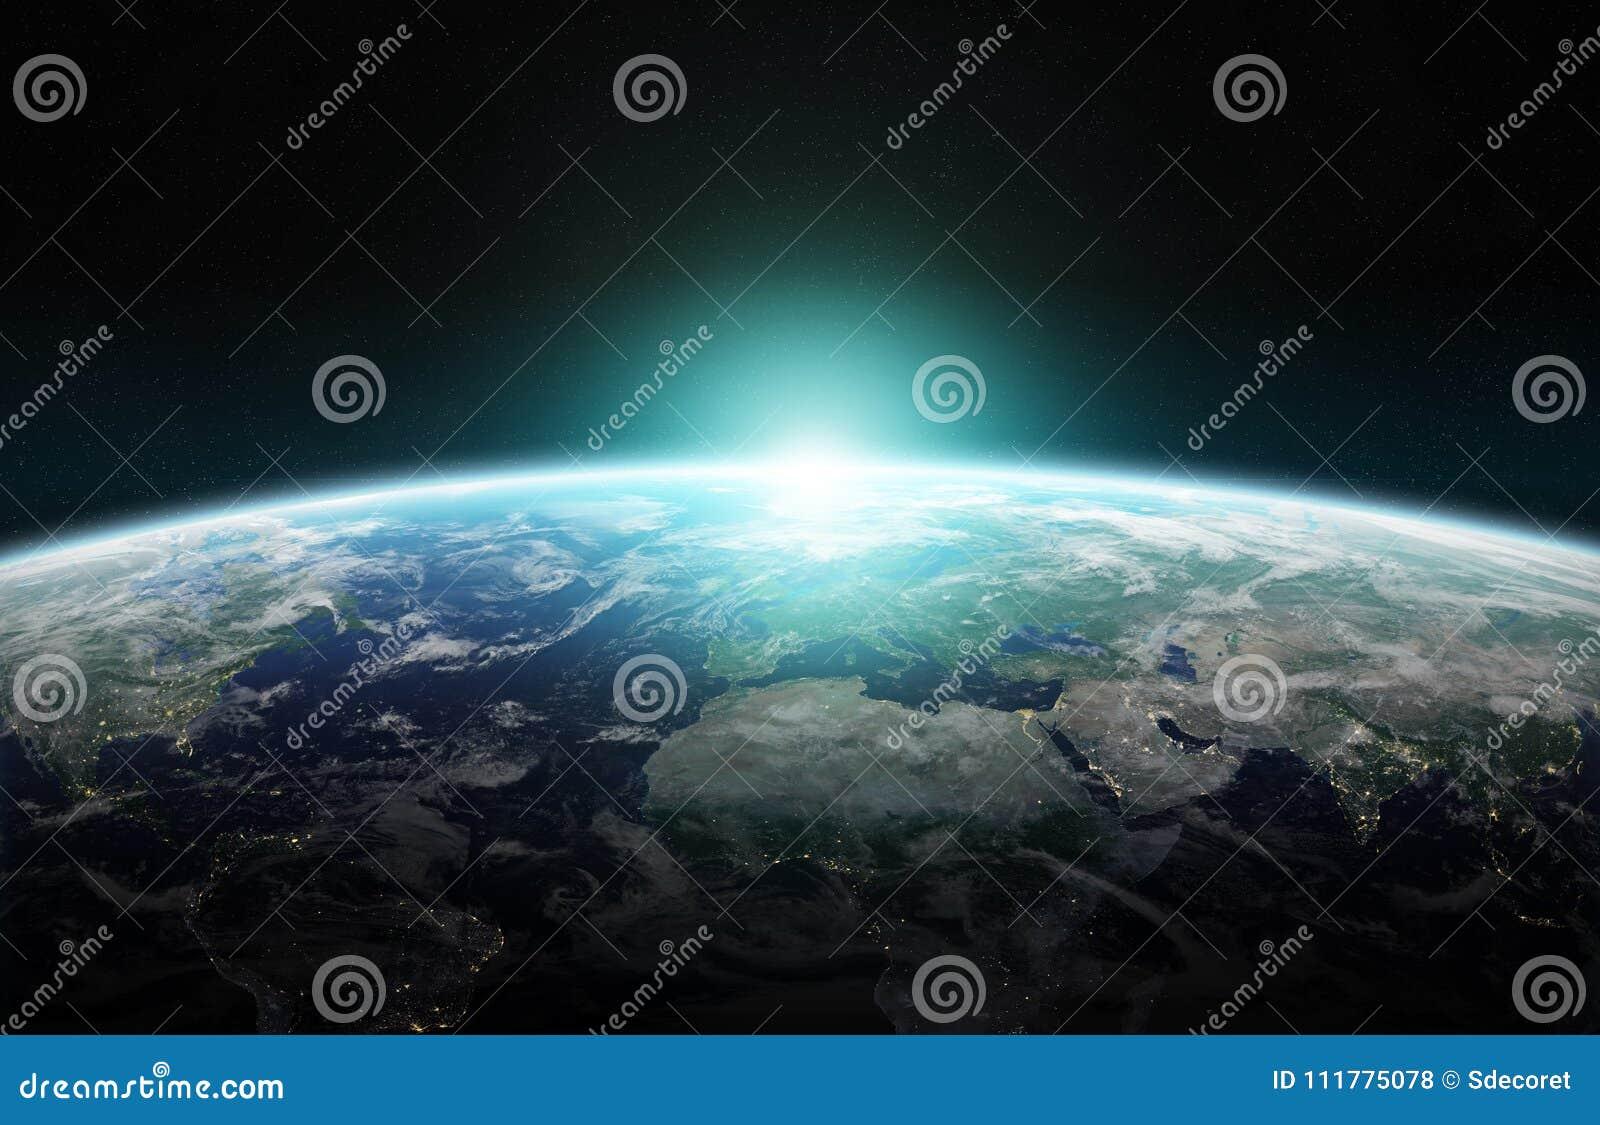 Ansicht blauer Planet Erde in den Wiedergabeelementen des Raumes 3D von diesem